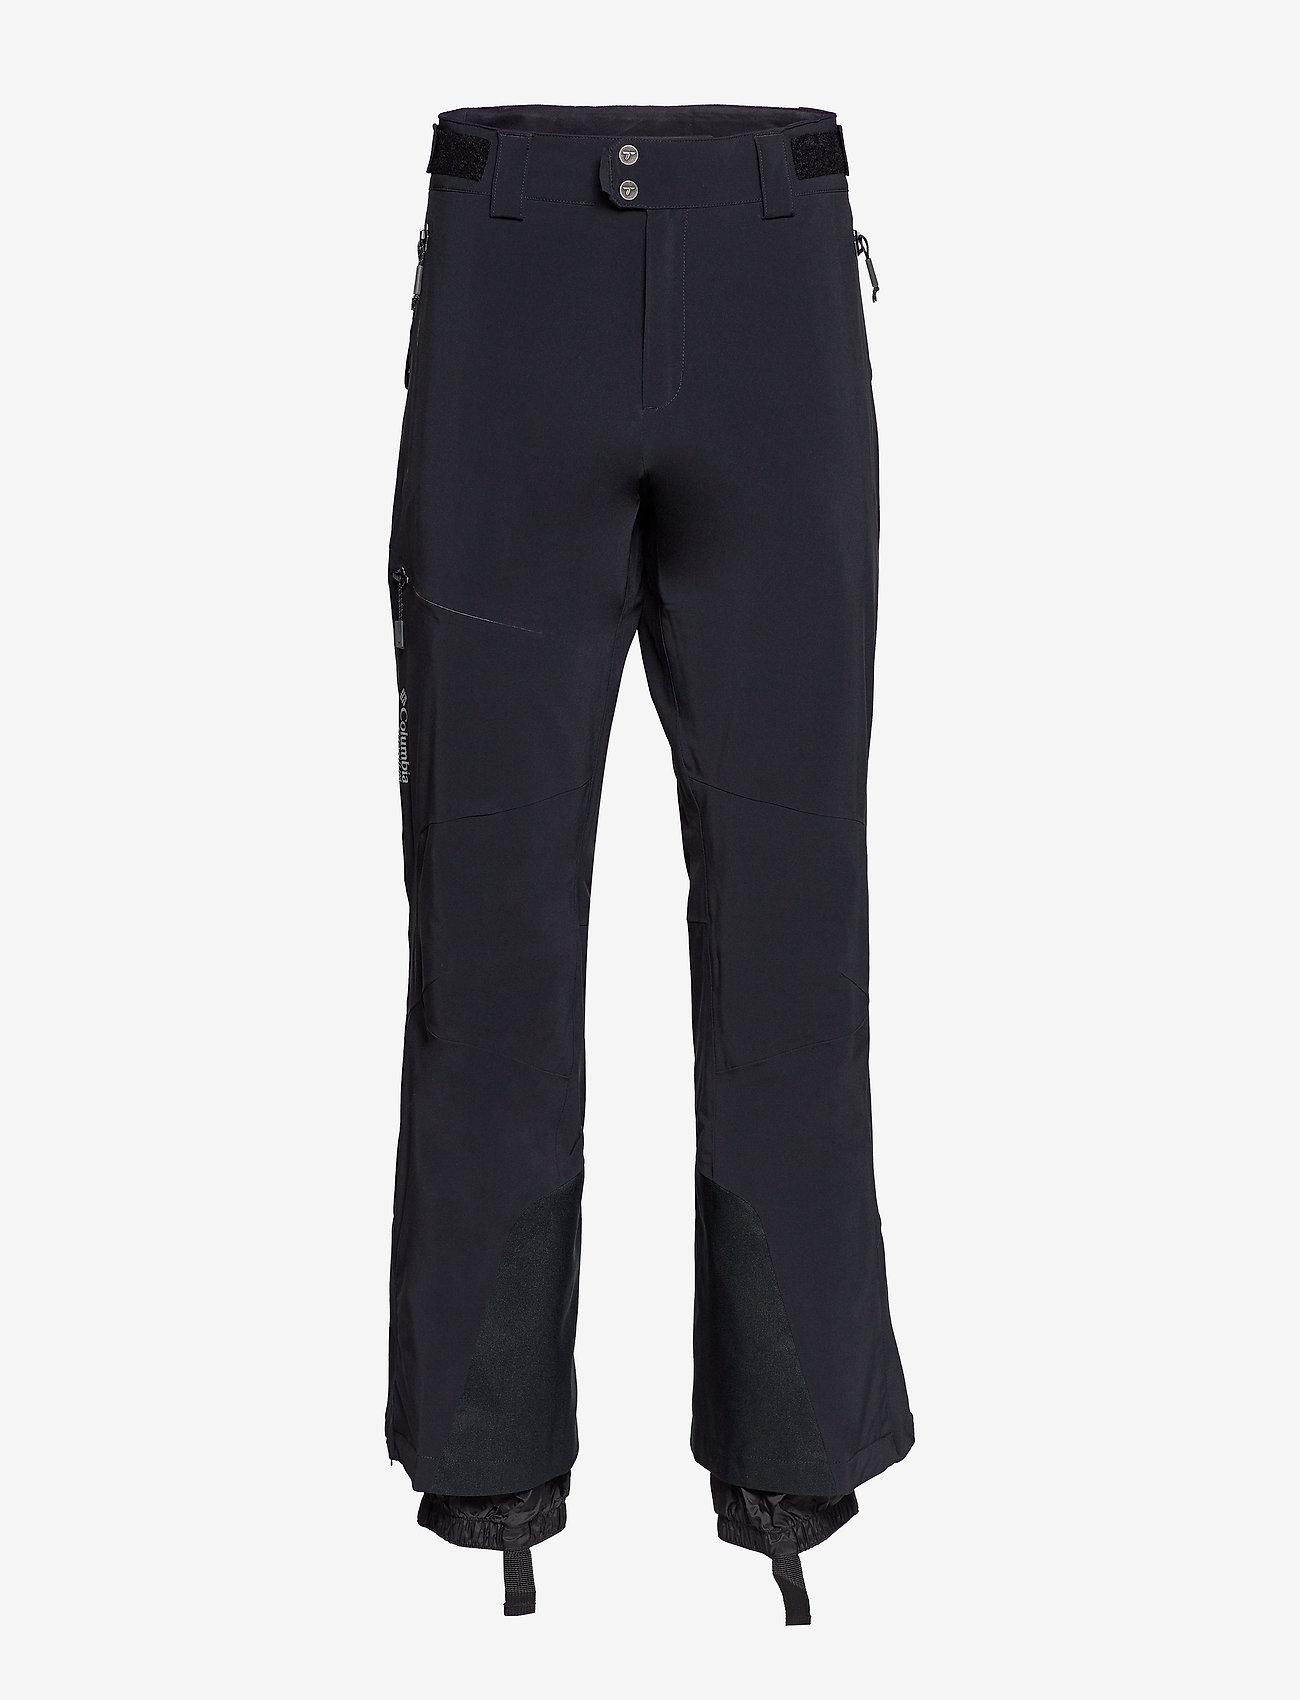 Columbia - Powder Keg III Pant - spodnie narciarskie - black - 0